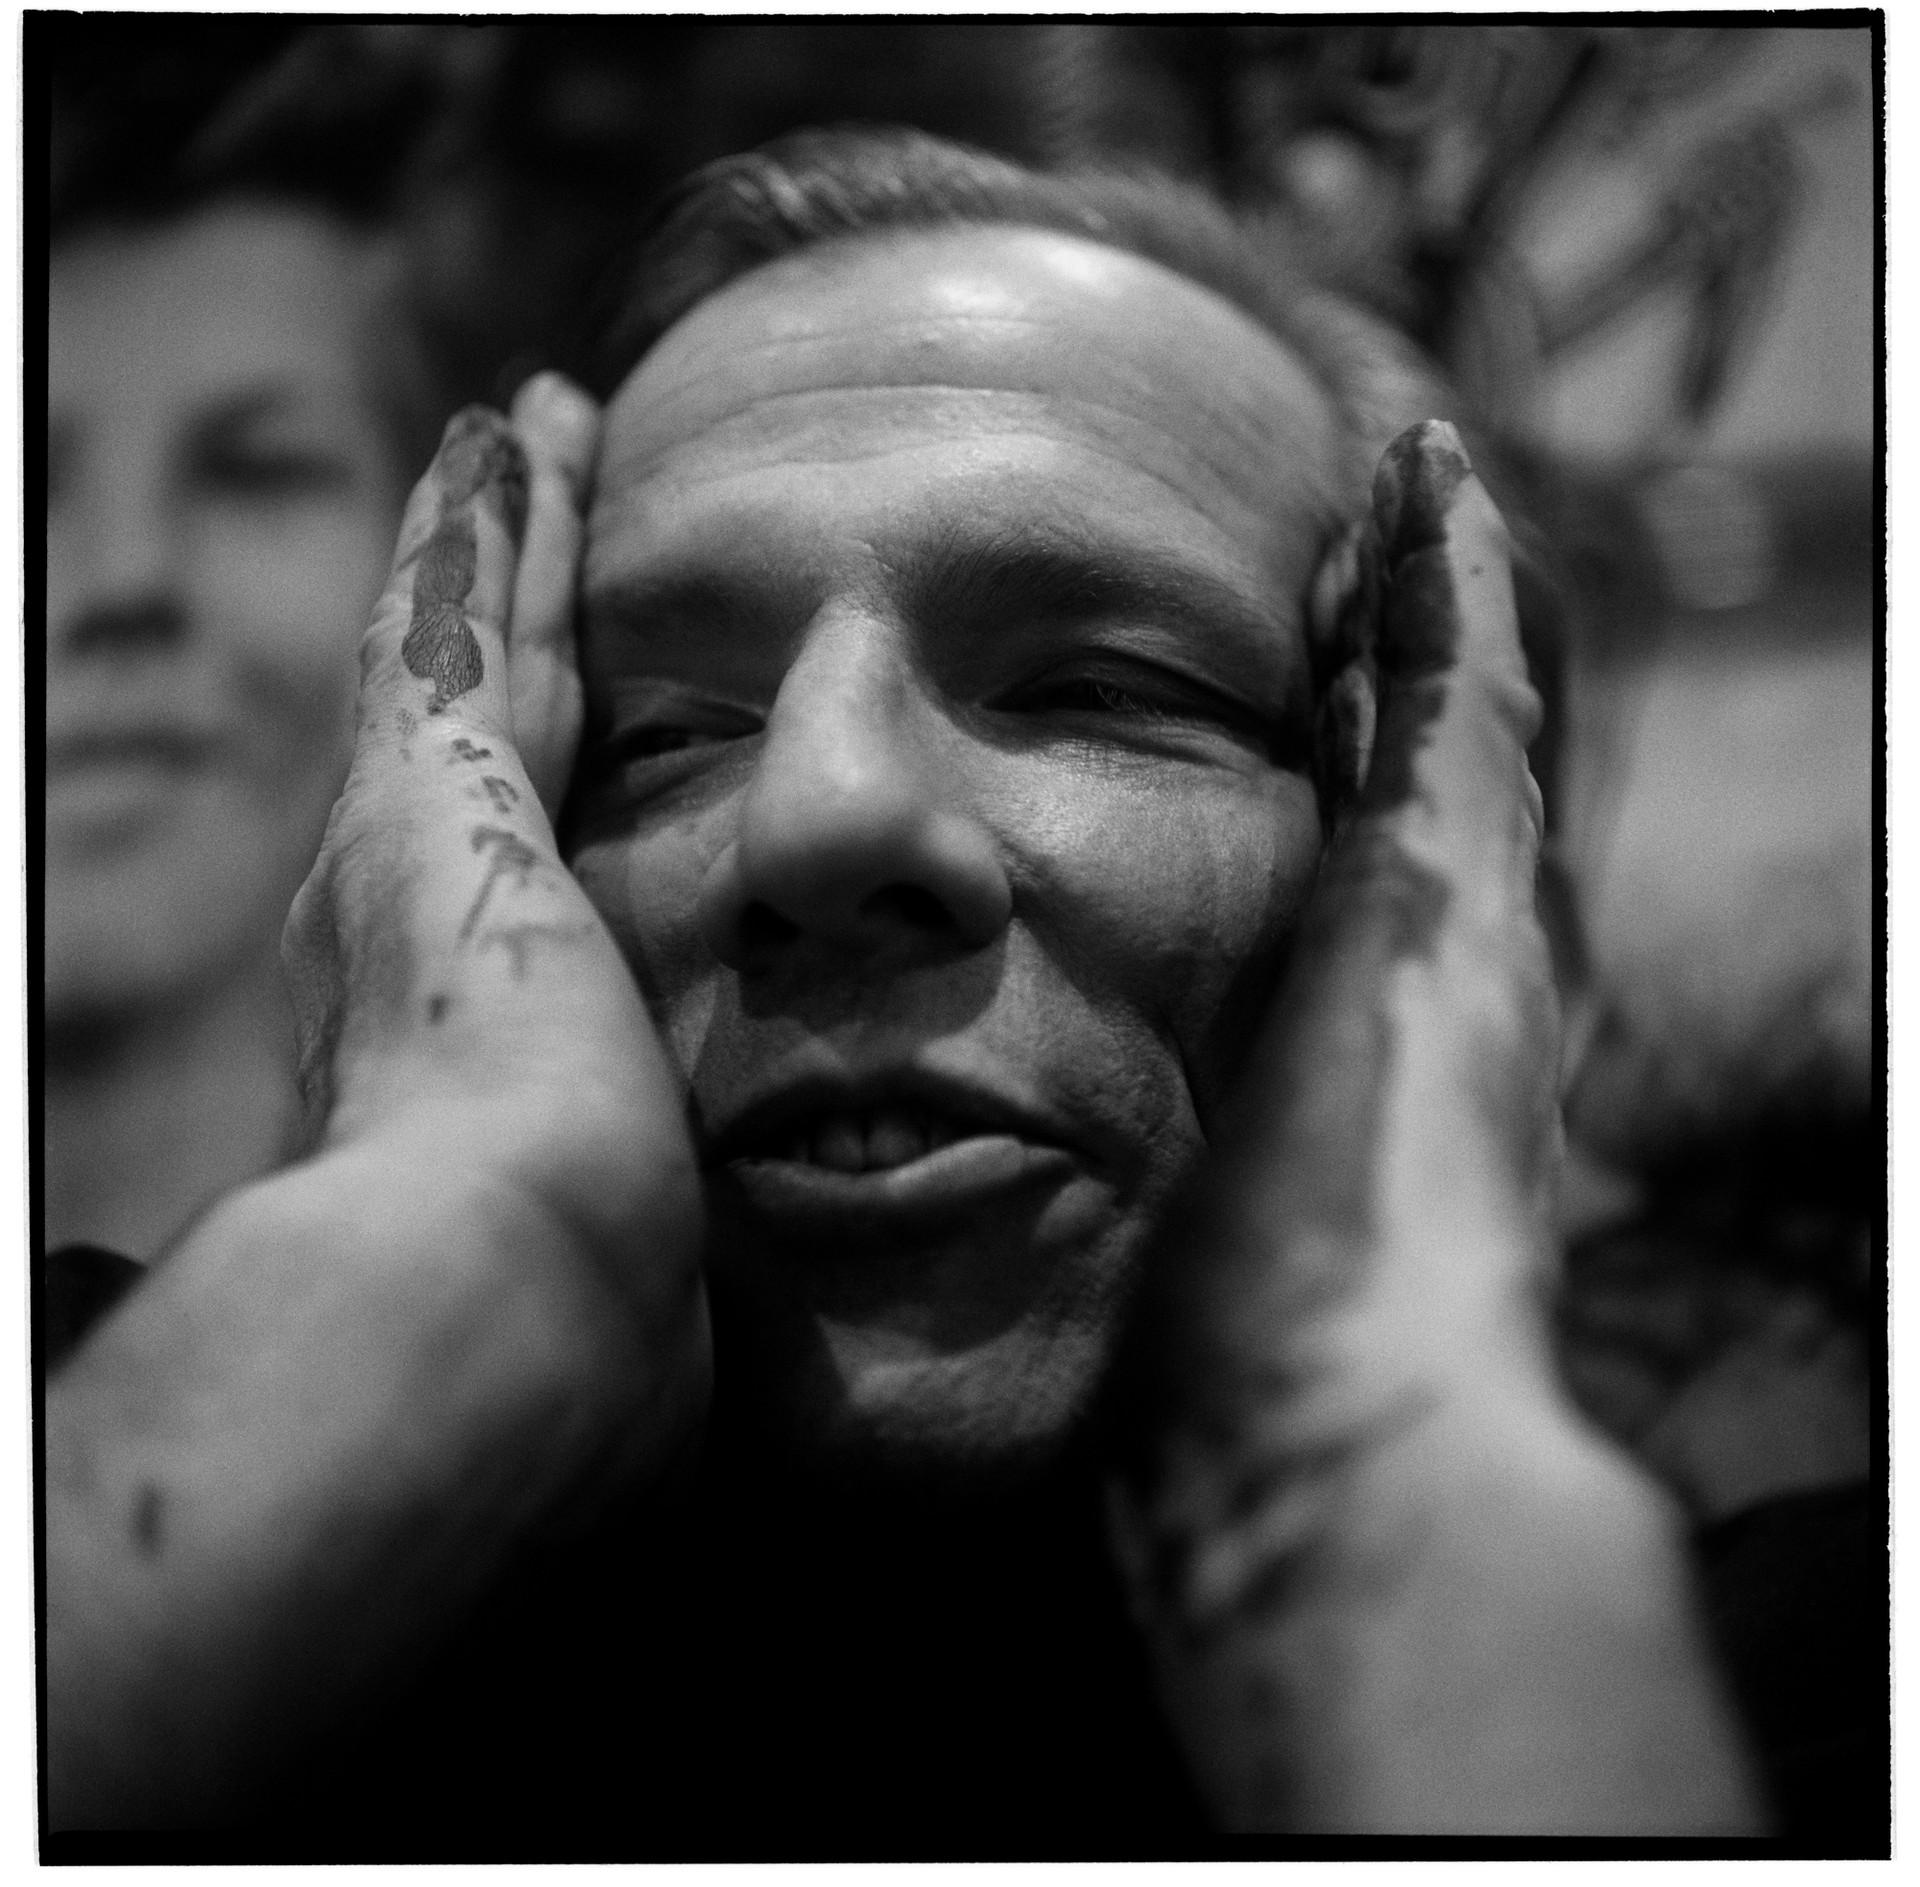 Peter Beard Paris '96 #4